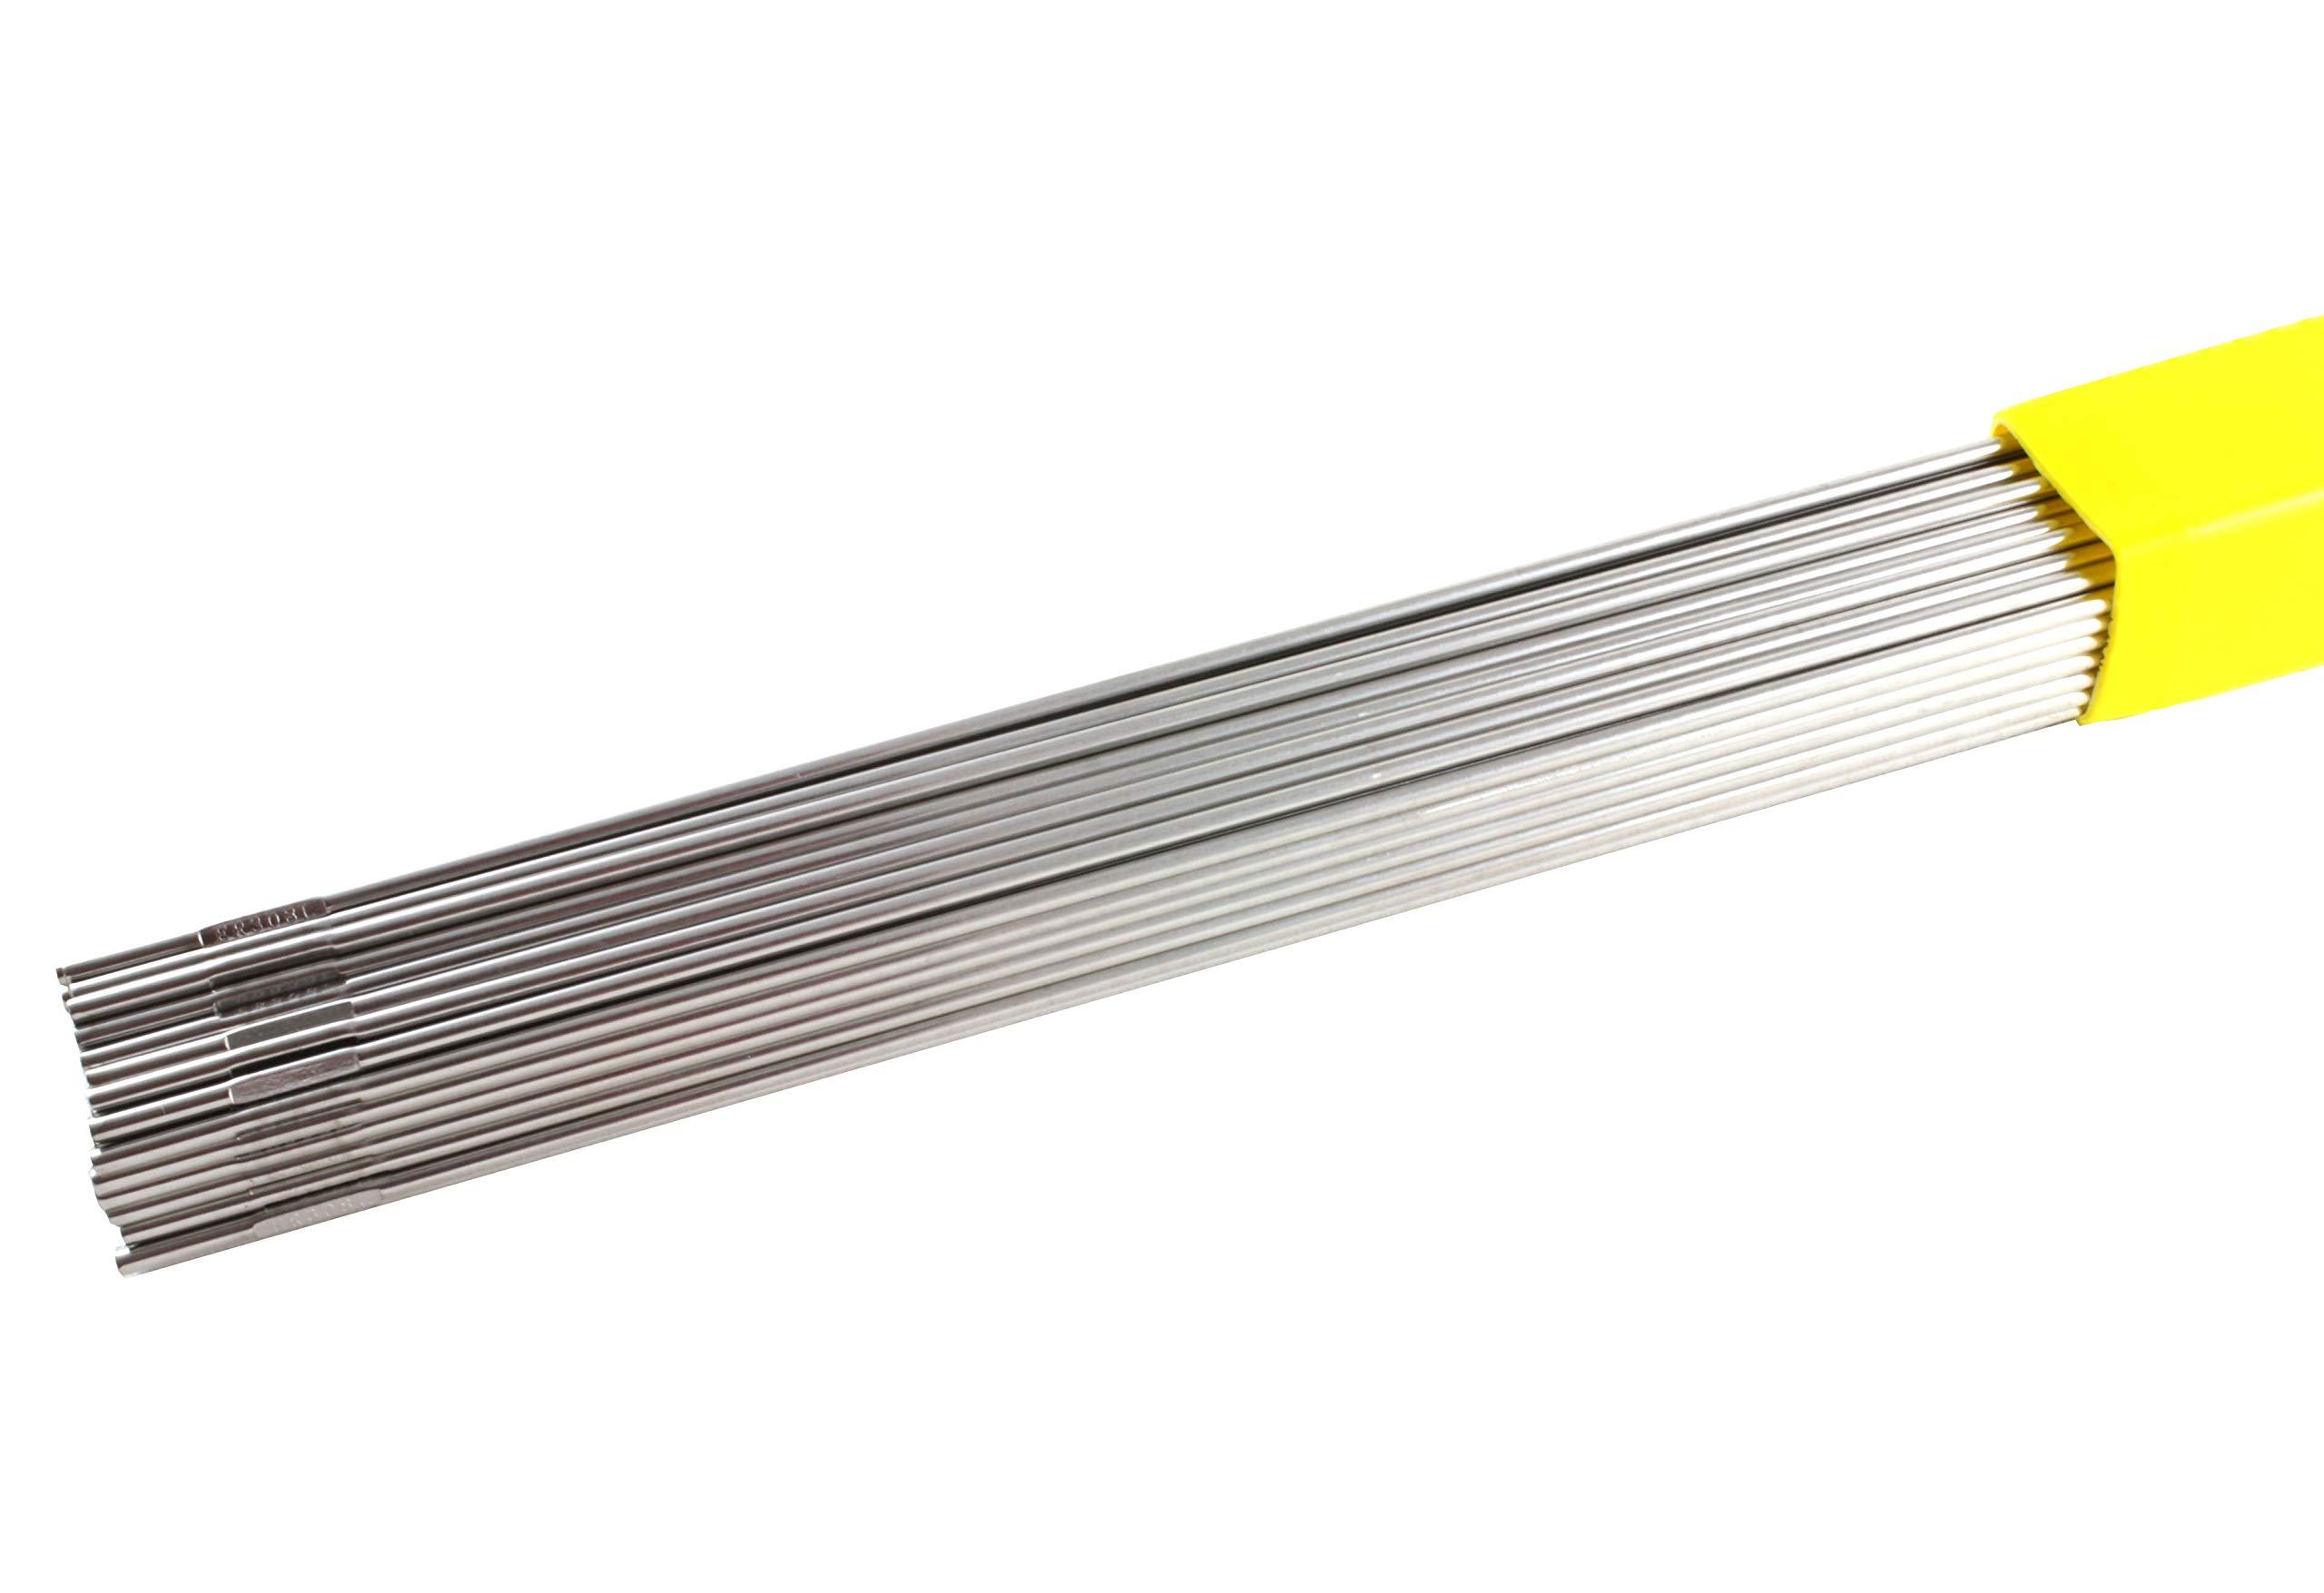 ER308L - TIG Stainless Steel Welding Rod - 36'' x 3/32'' (11 LB)